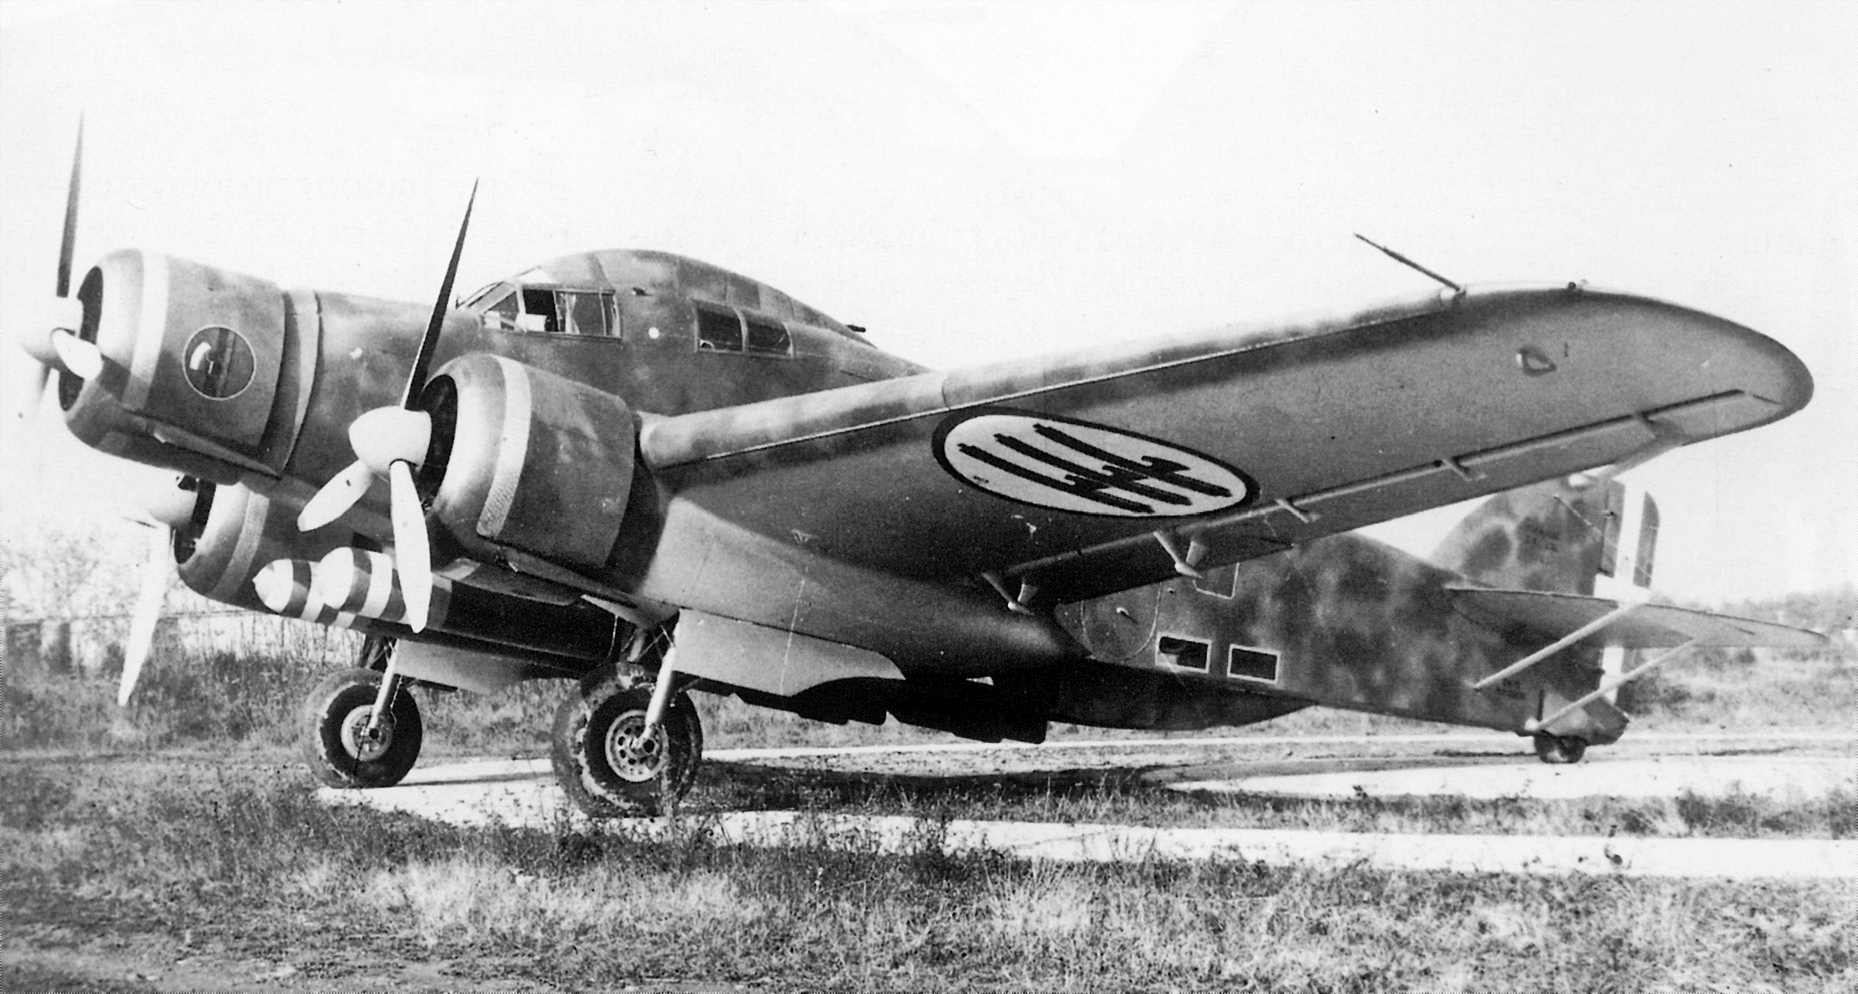 L'aereo in manutenzione al motorista I° Aviere Venturin Arturo durante la guerra.